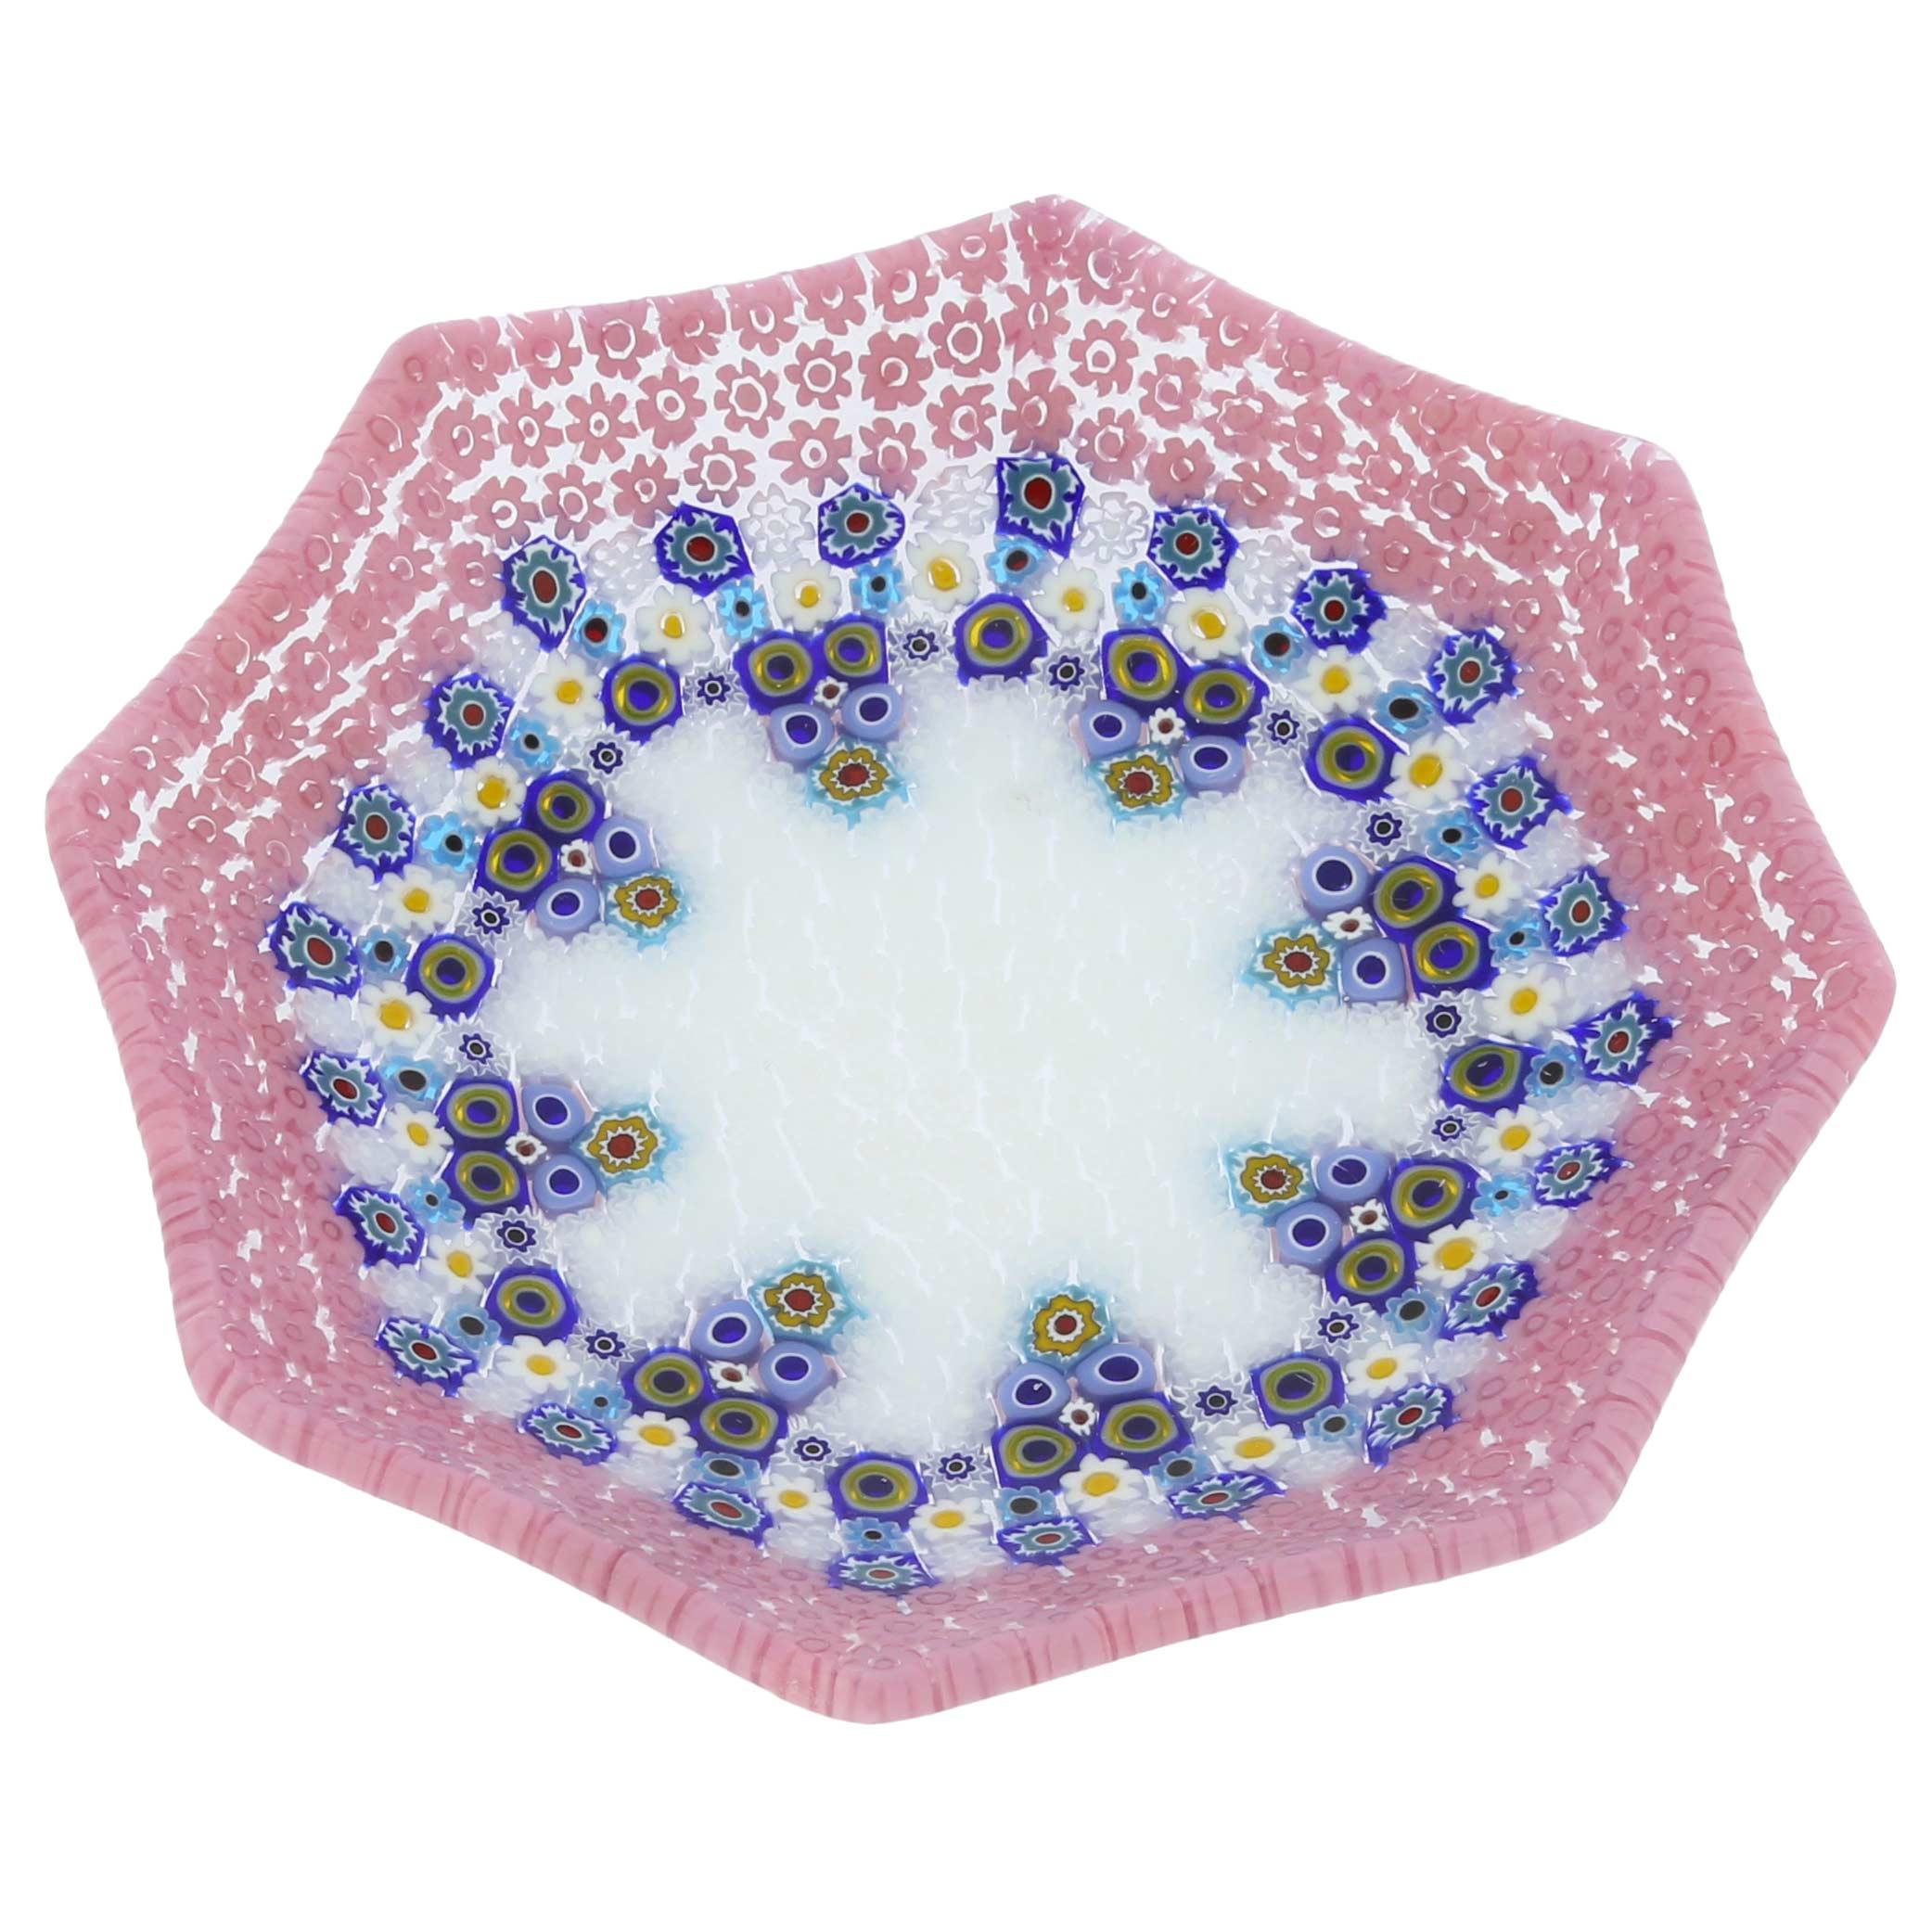 Murano Millefiori Octagonal Plate - Pink